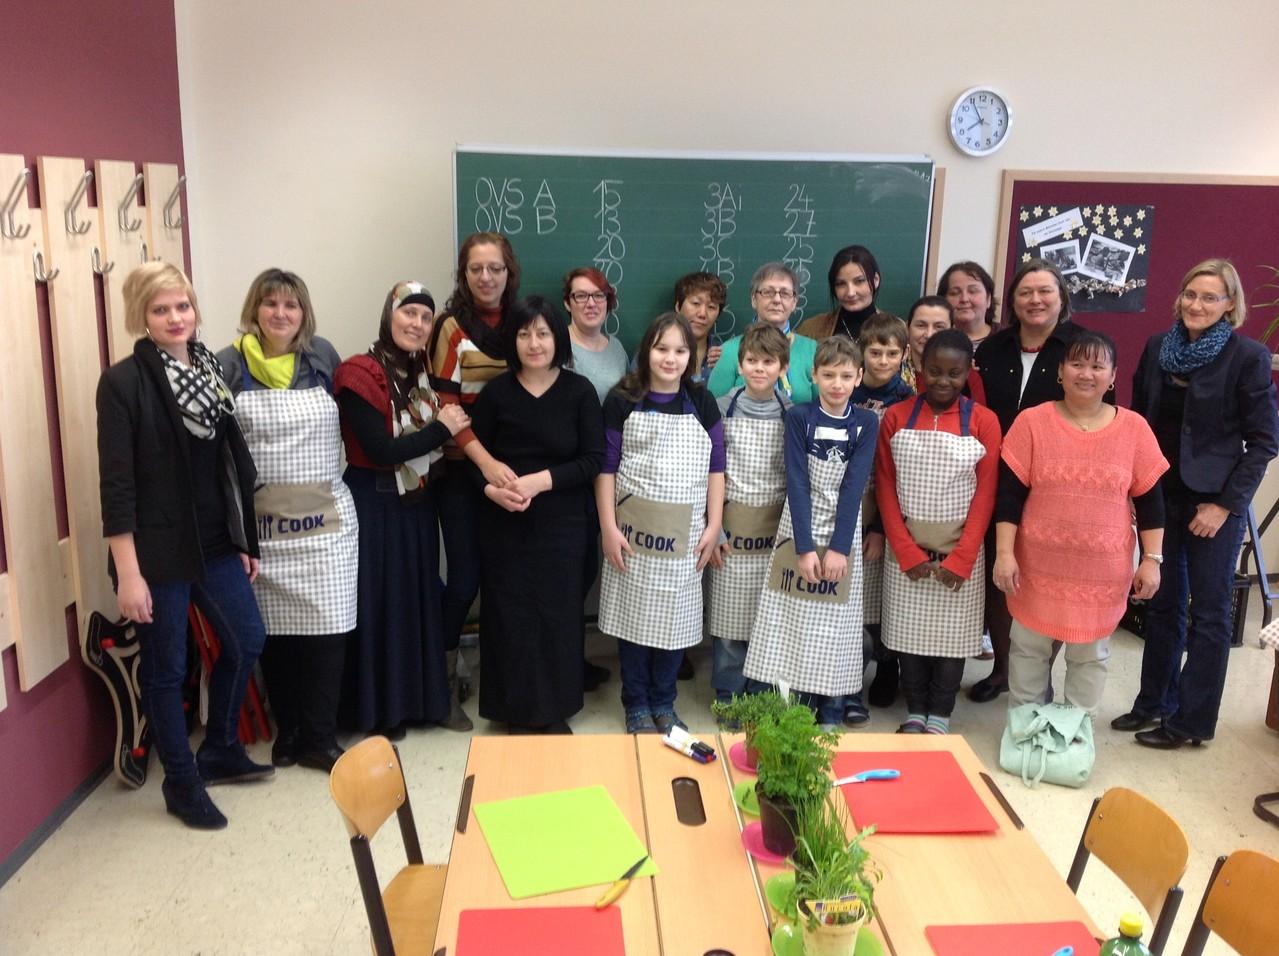 Das Team bestehend aus Asylantinnen, Müttern und Schulkindern